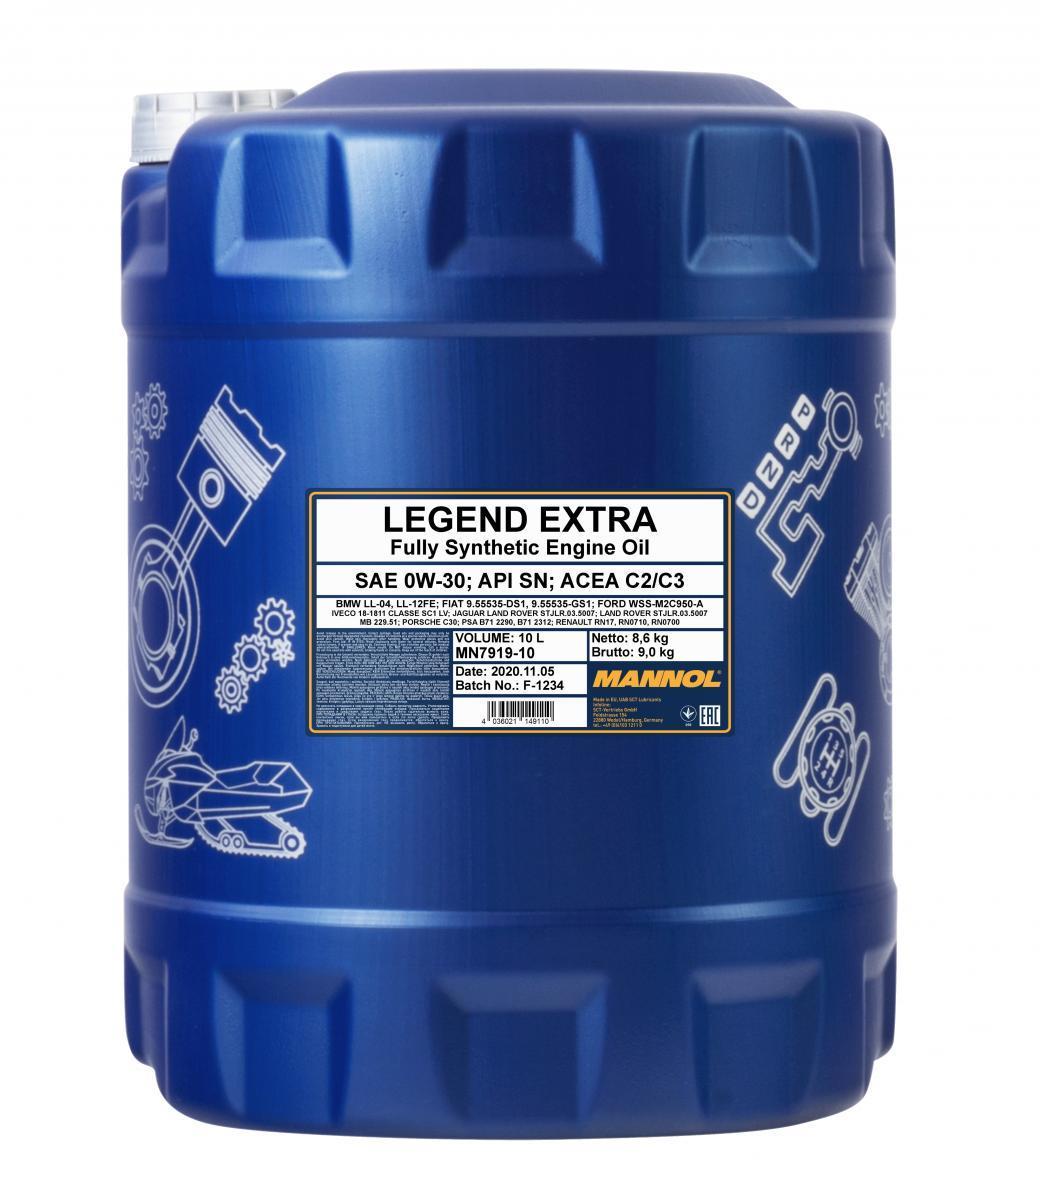 Motorolja MN7919-10 som är helt MANNOL otroligt kostnadseffektivt